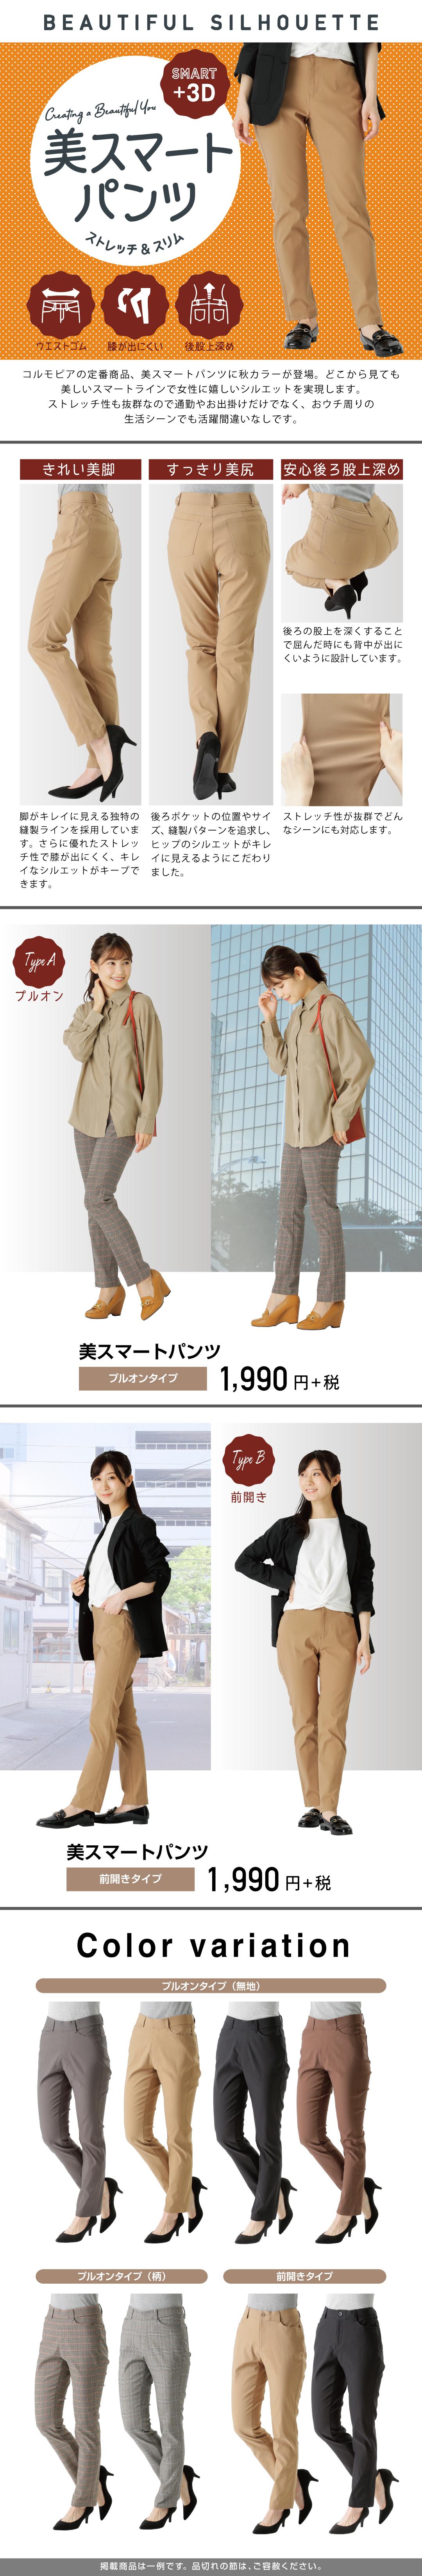 美スマートパンツ3D